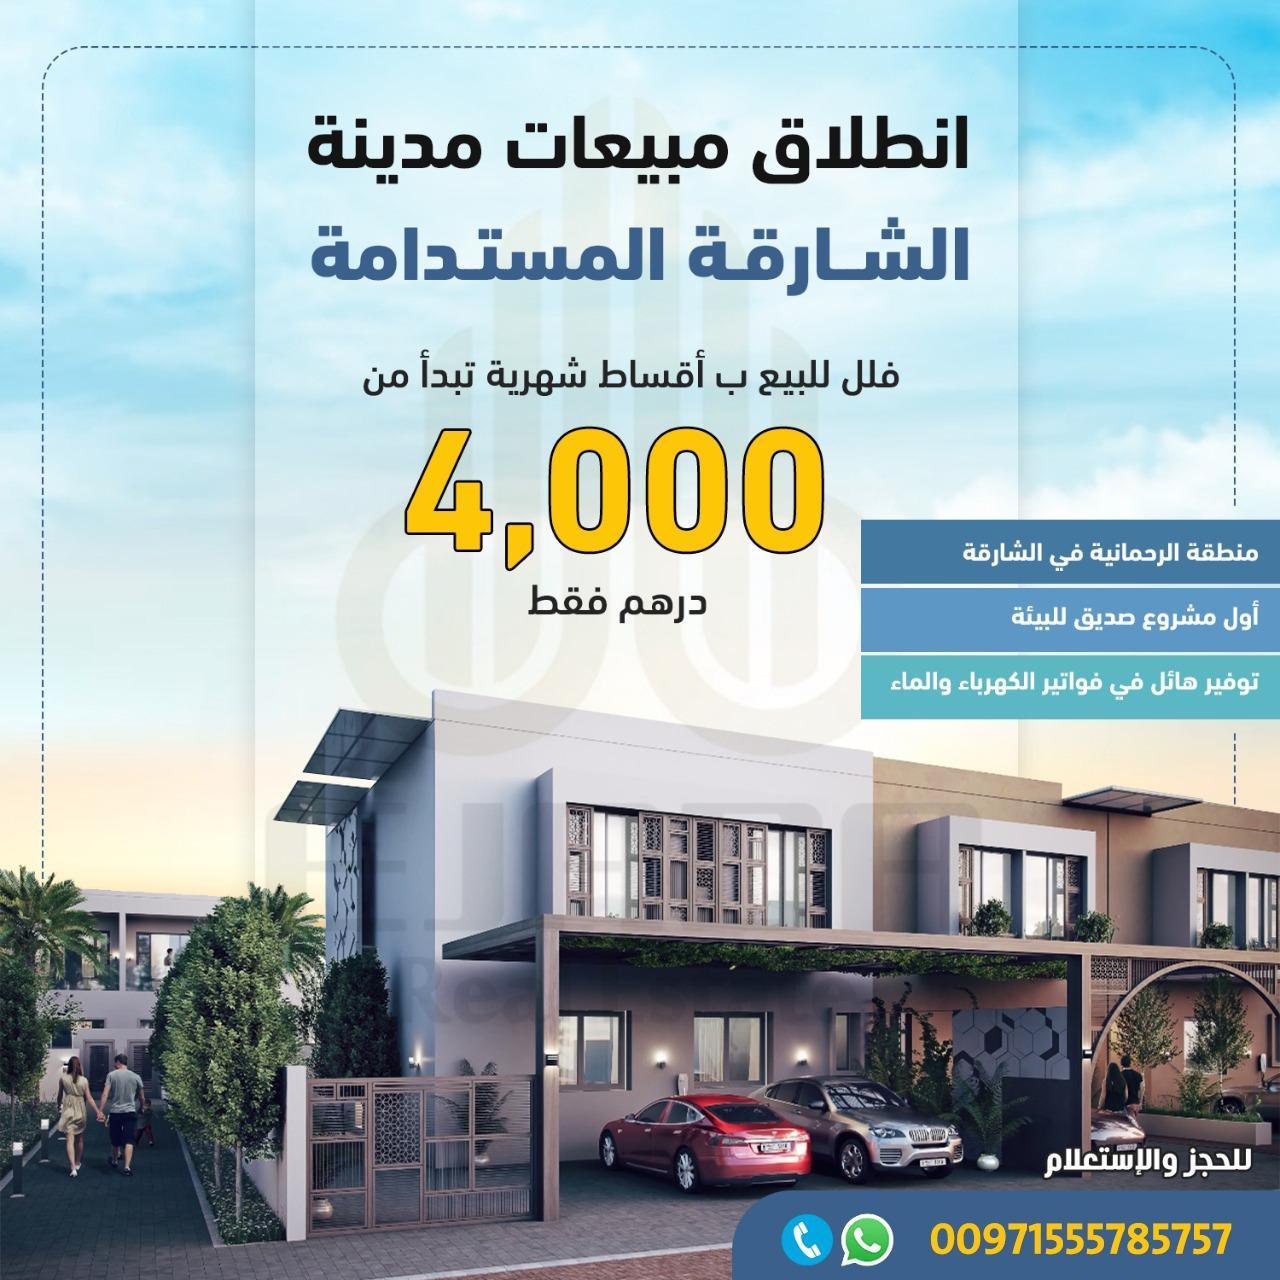 فلل للبيع في مدينة الشارقة المستدامة 846595844